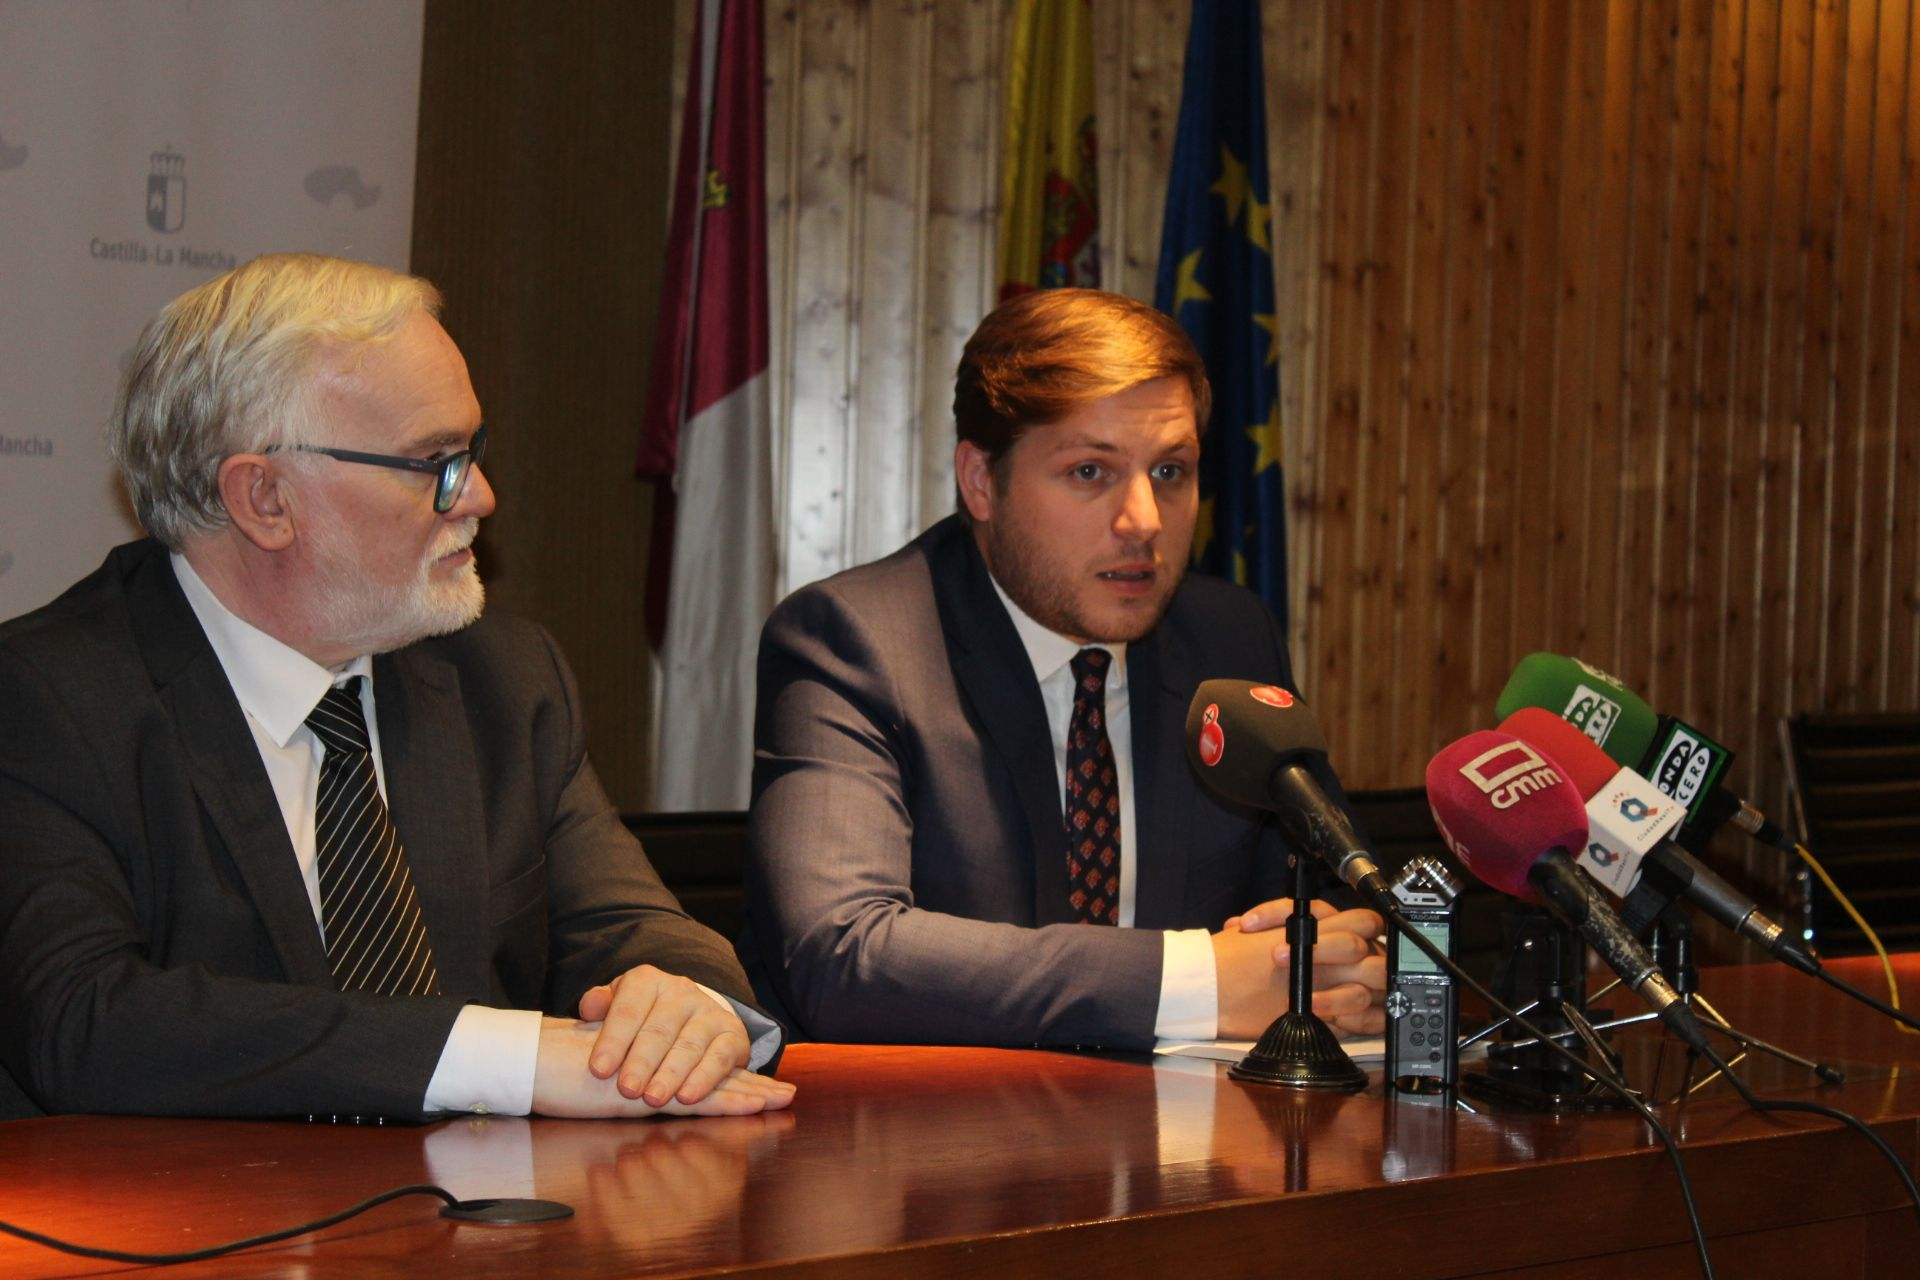 La Comisión Provincial de Ordenación del Territorio y Urbanismo de Ciudad Real aprueba diversos proyectos de energía verde y empresariales